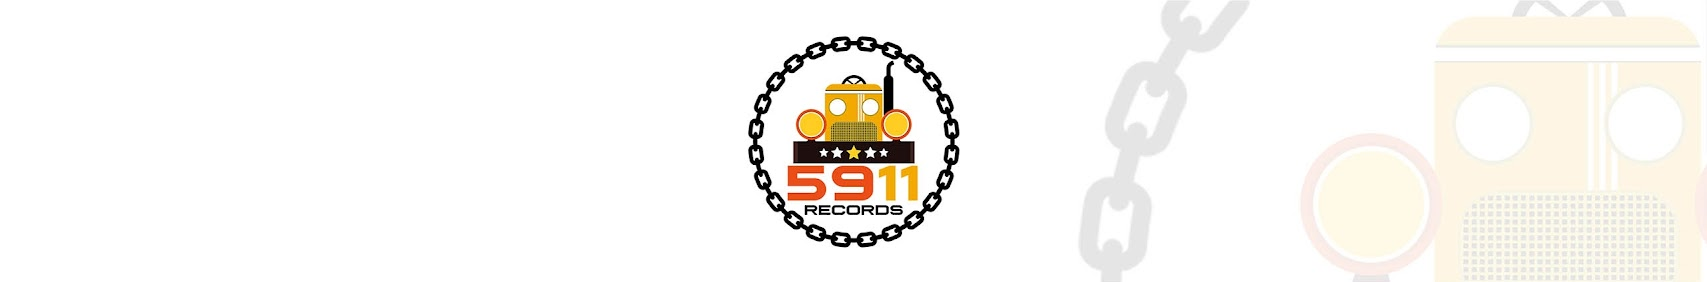 5911 रिकॉर्ड्स